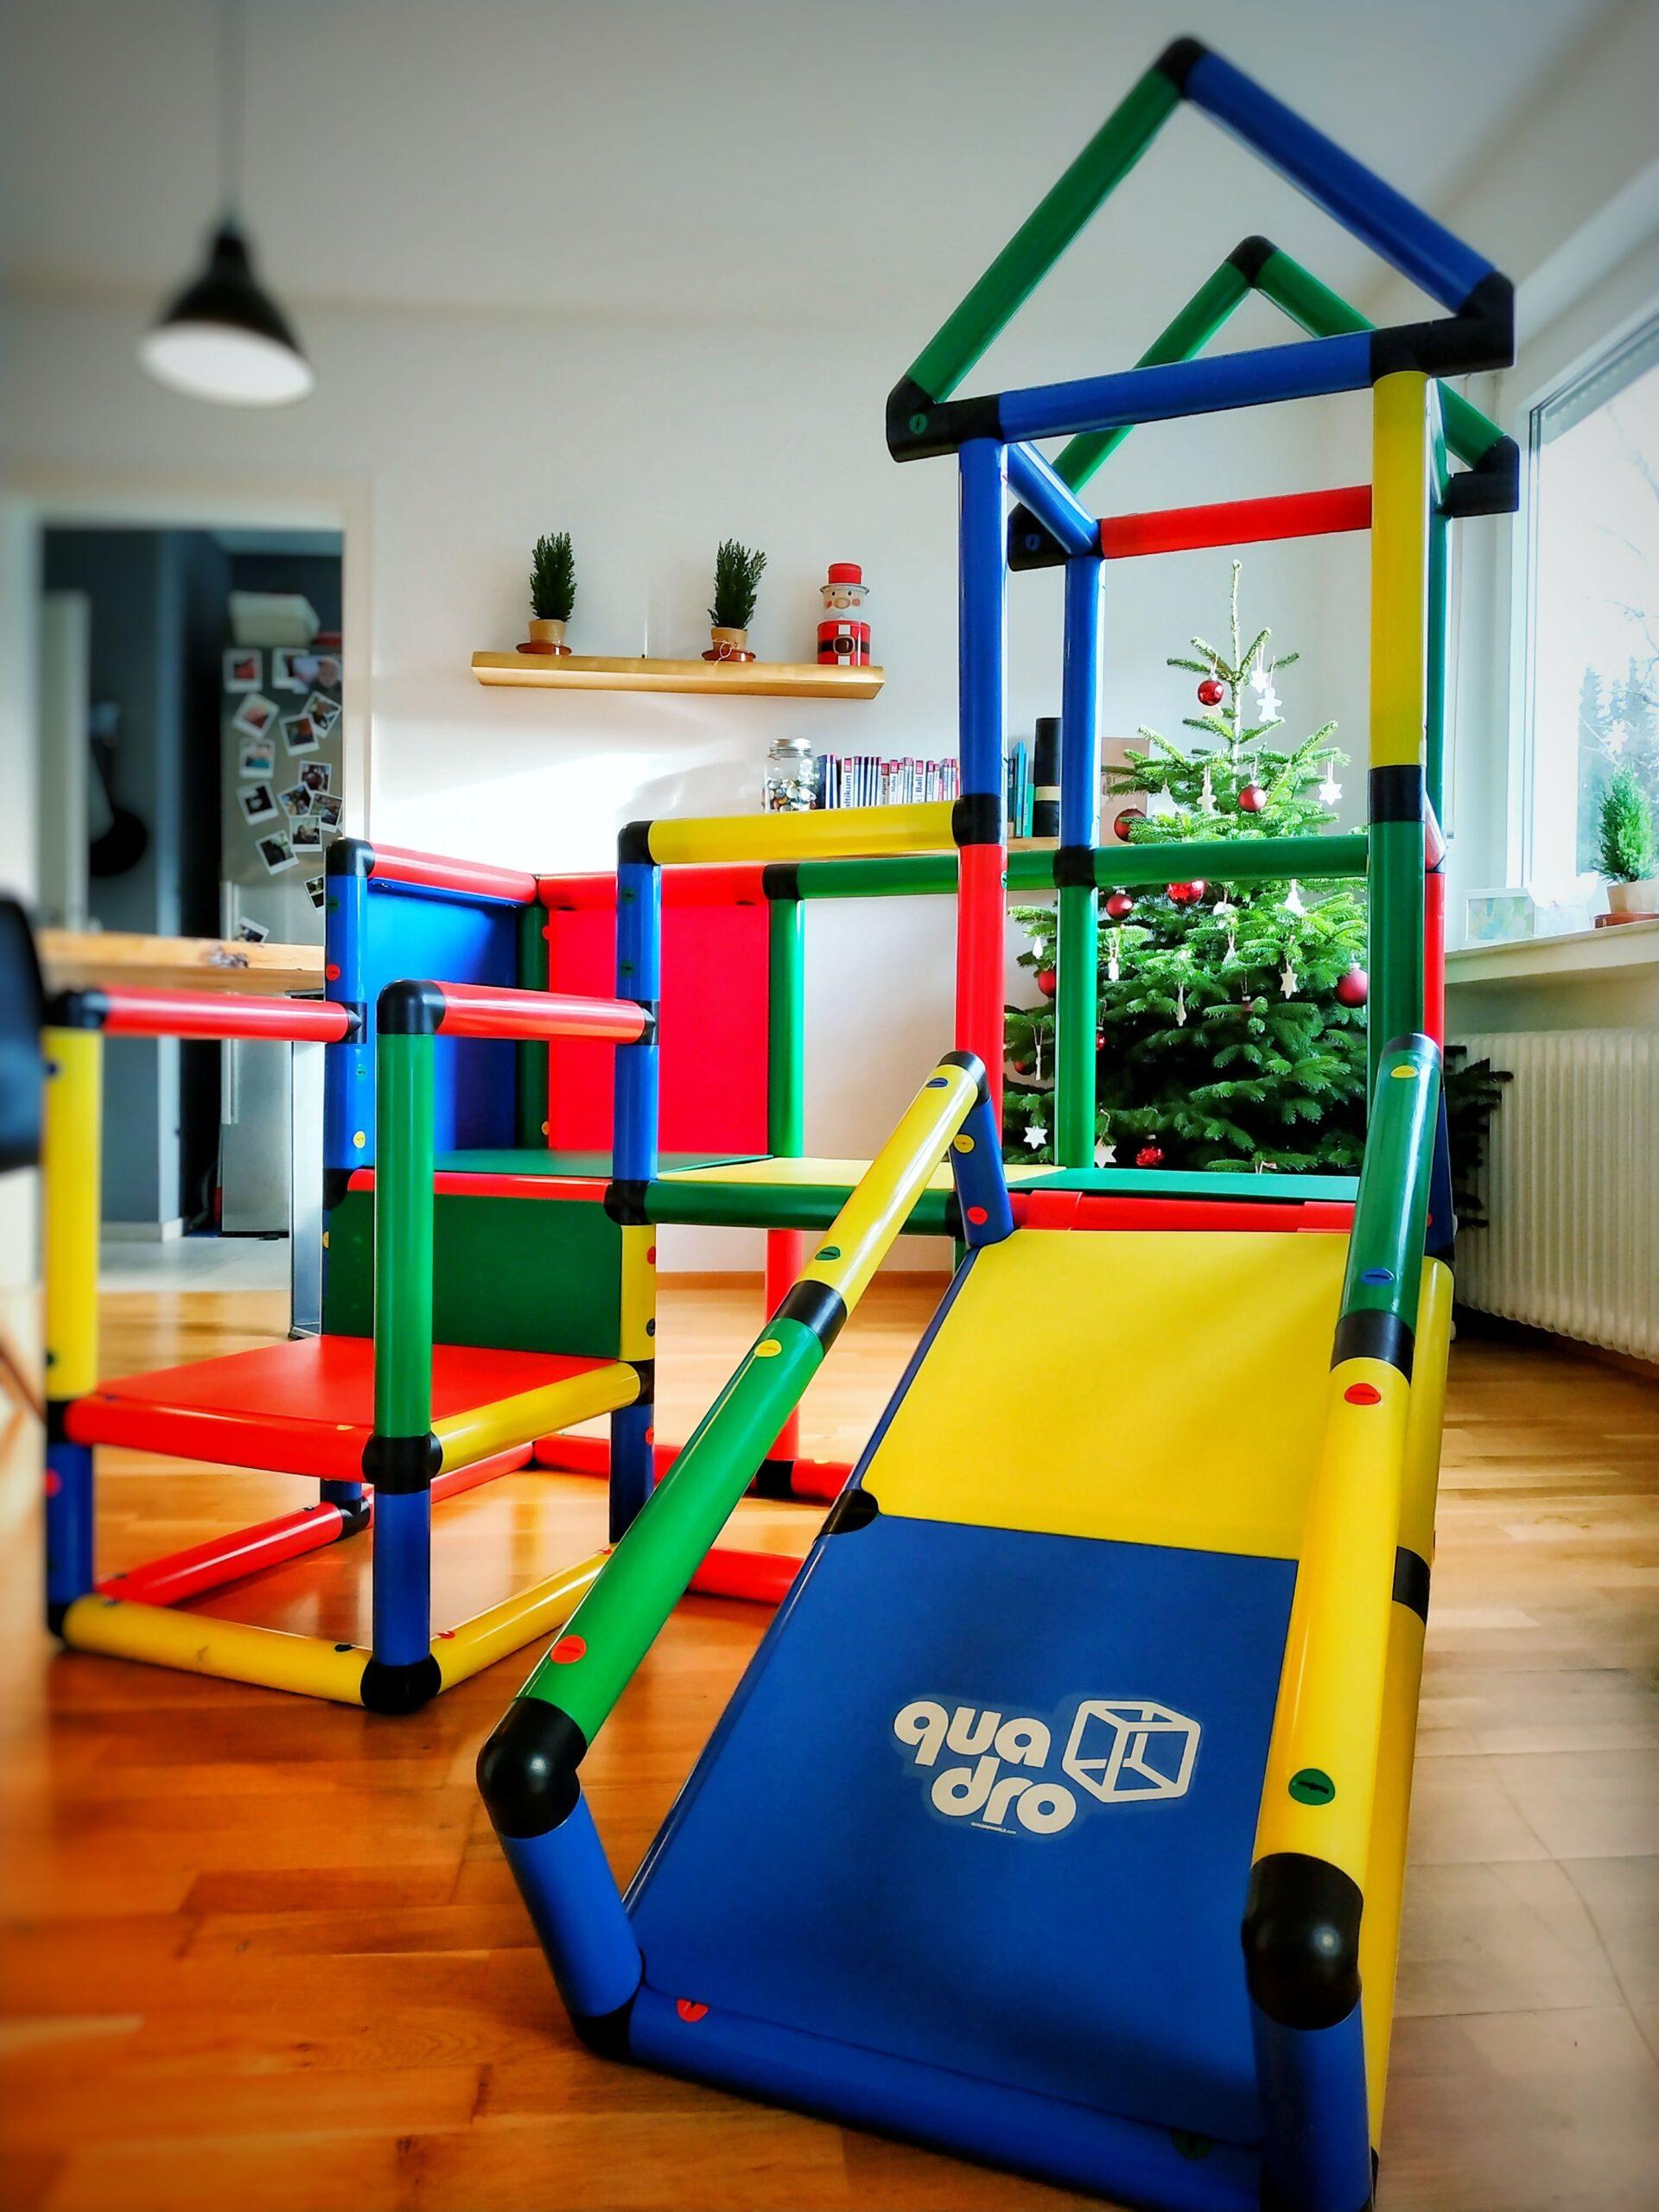 Full Size of Kidwood Klettergerst Rakete Game Set Aus Holz Fr Indoor Regal Klettergerüst Garten Wohnzimmer Kidwood Klettergerüst